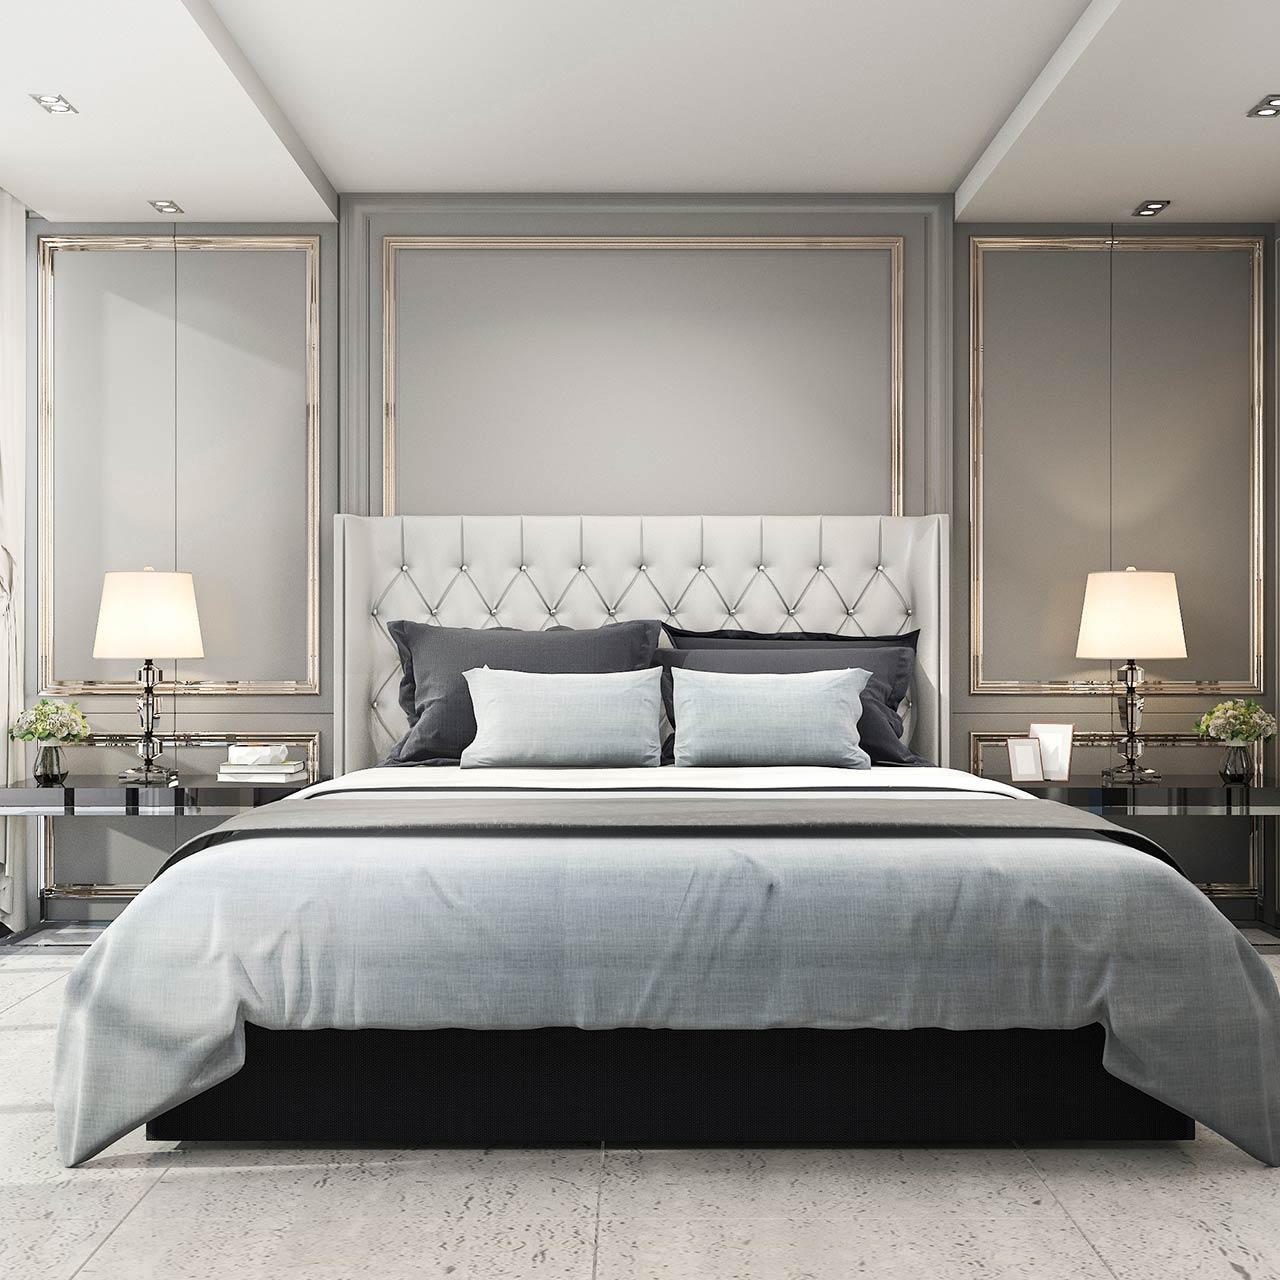 New Lamp Piece of Art Scanadivian Style Bedroom Design